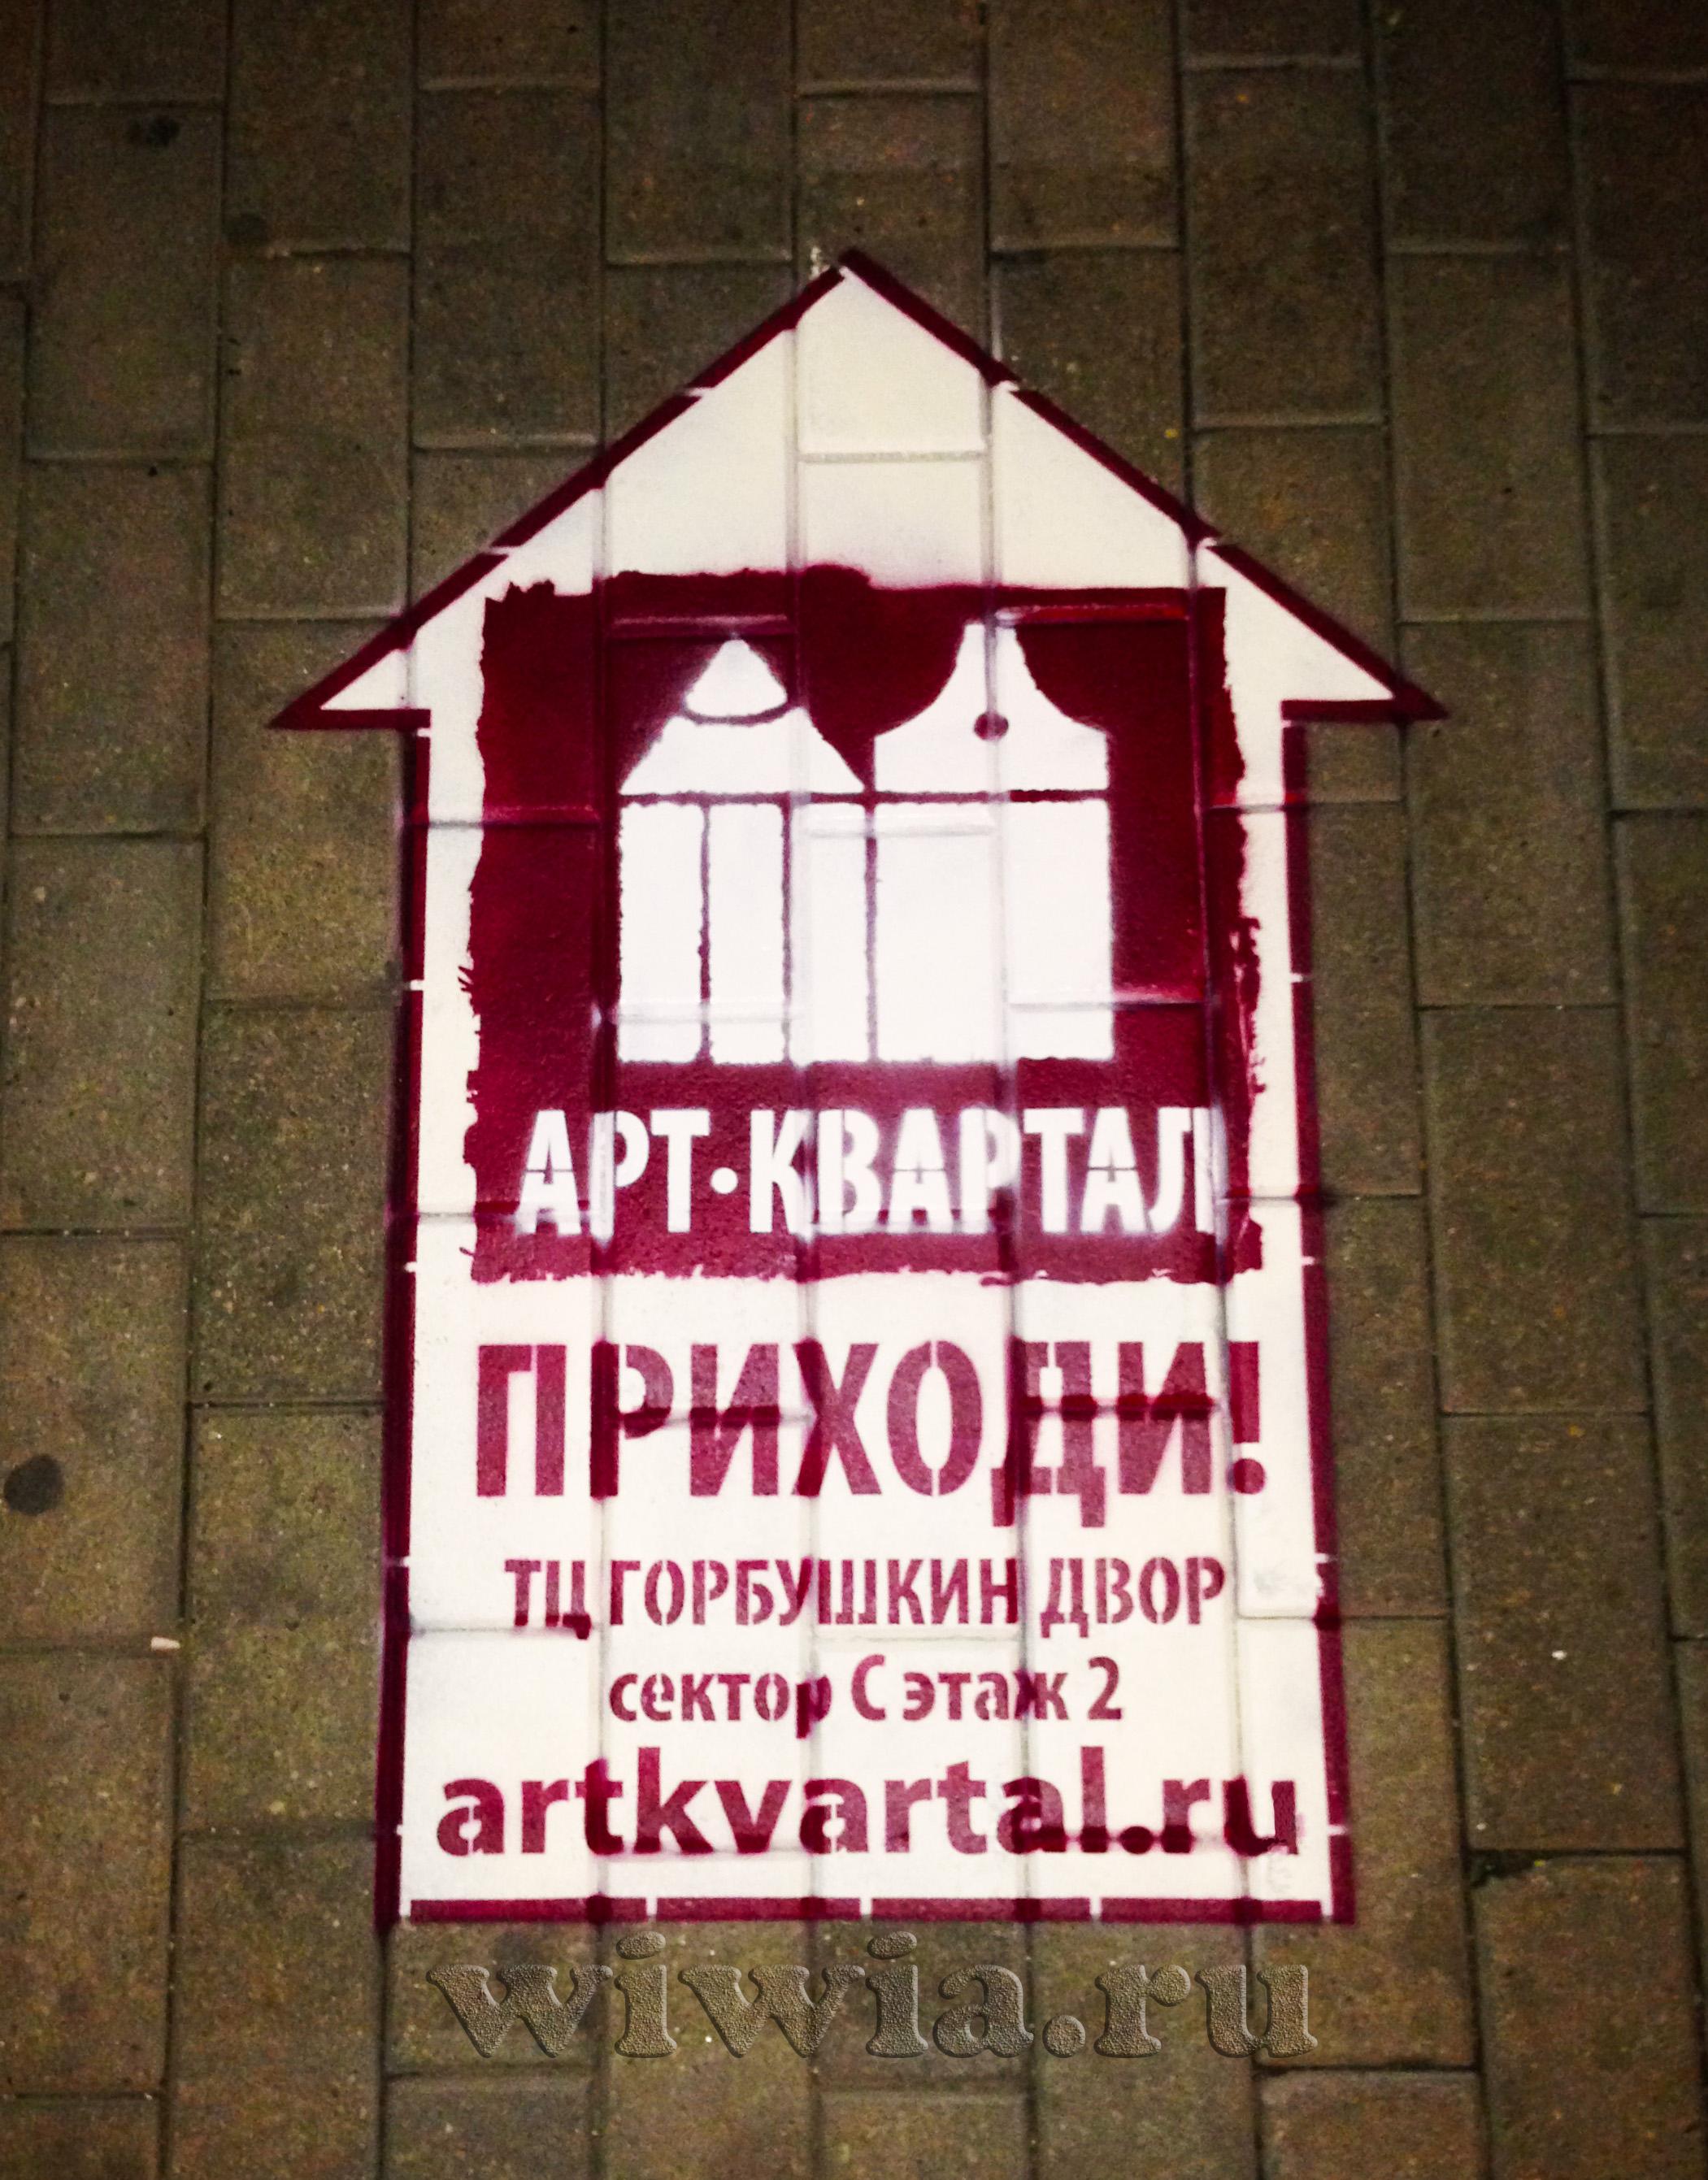 Арт-квартал. Реклама на асфальте.